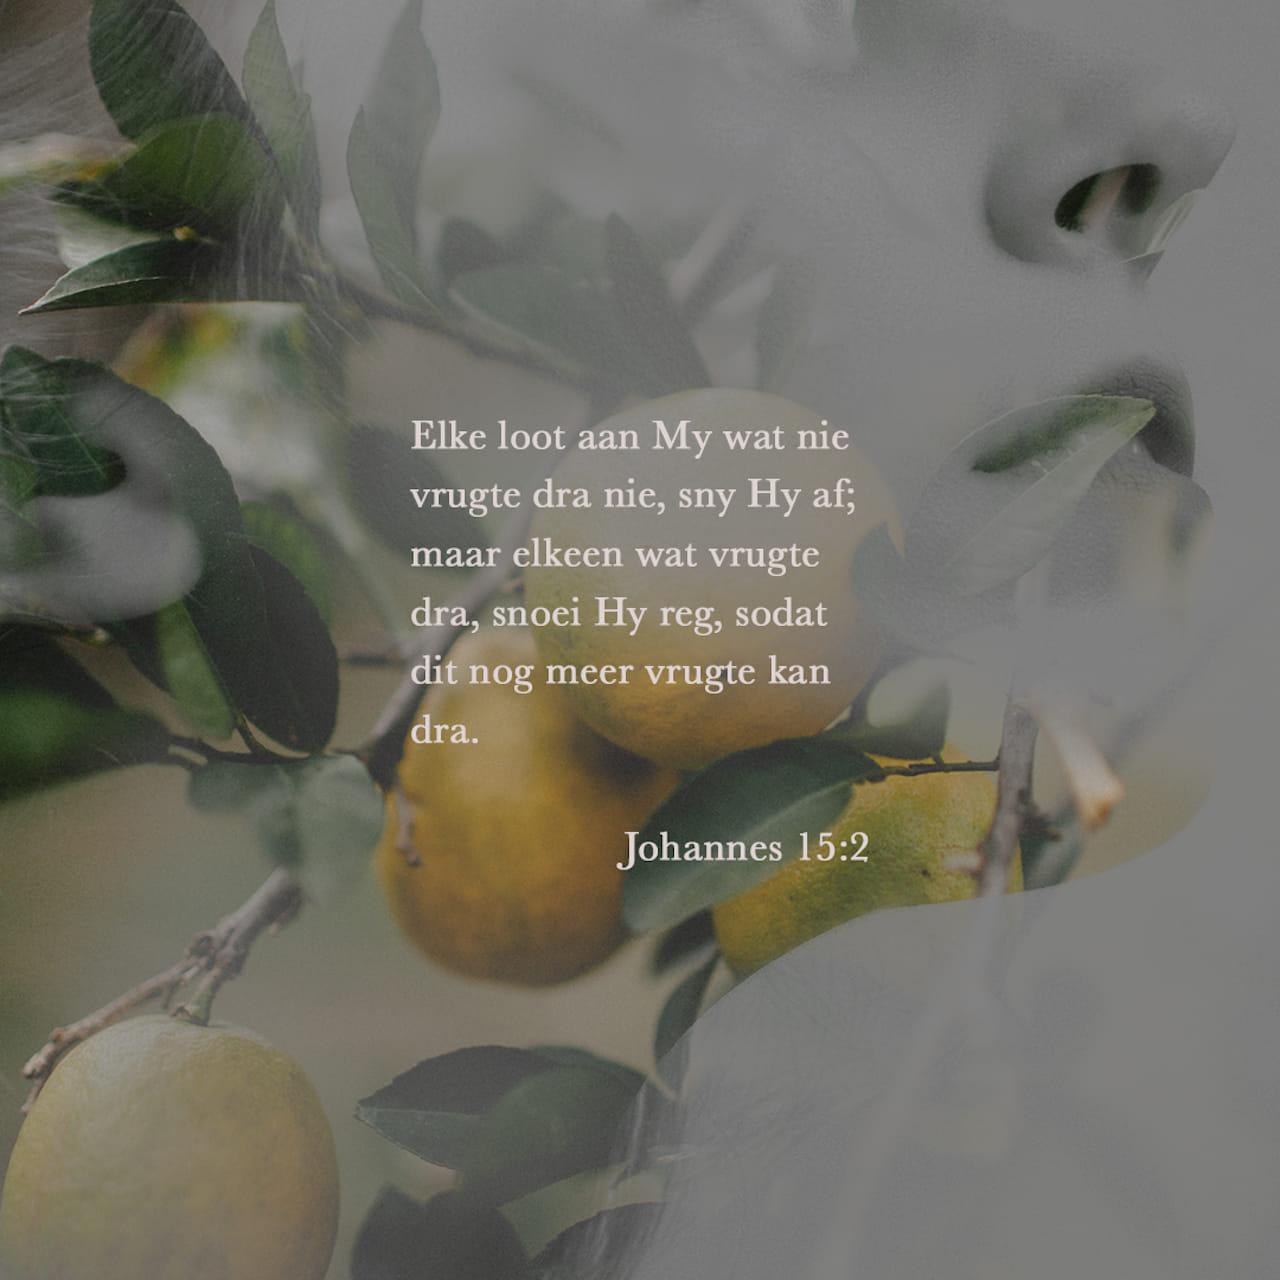 Elke loot aan My wat nie vrugte dra nie, sny Hy af; maar elkeen wat vrugte dra, snoei Hy reg, sodat dit nog meer vrugte kan dra. - Johannes 15:2 - Versbeeld